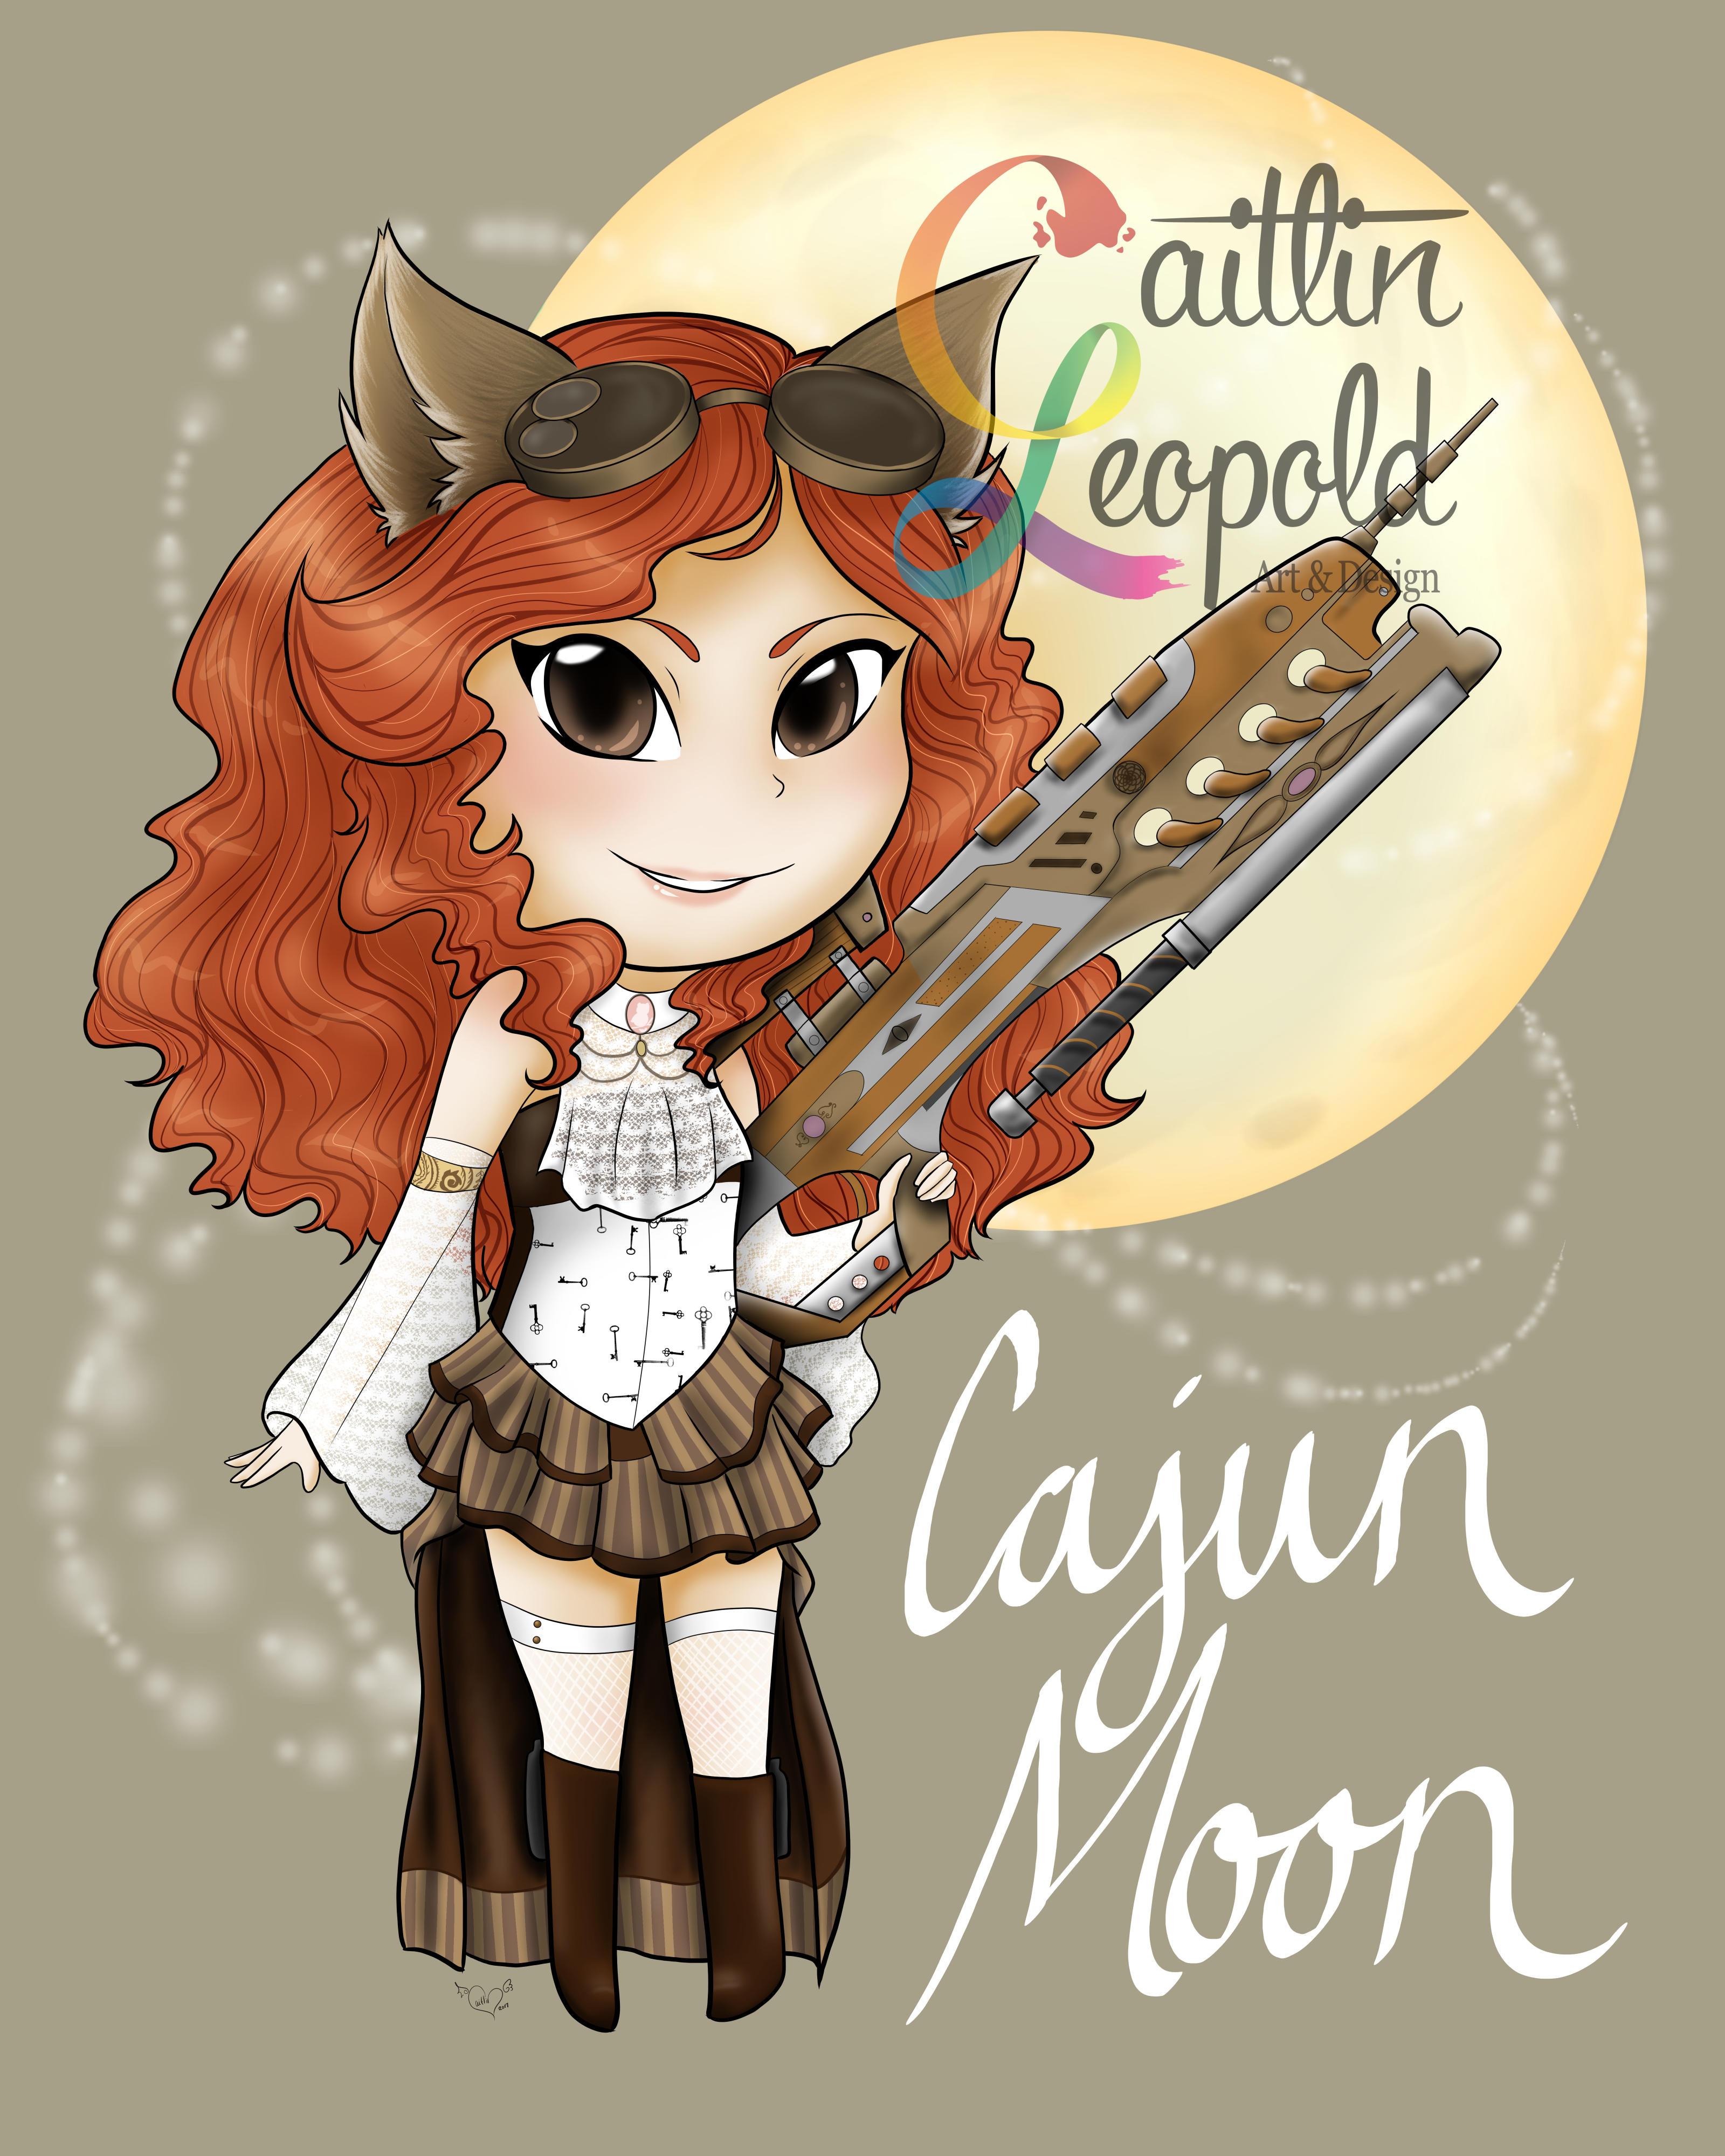 Cajun Moon Mascot